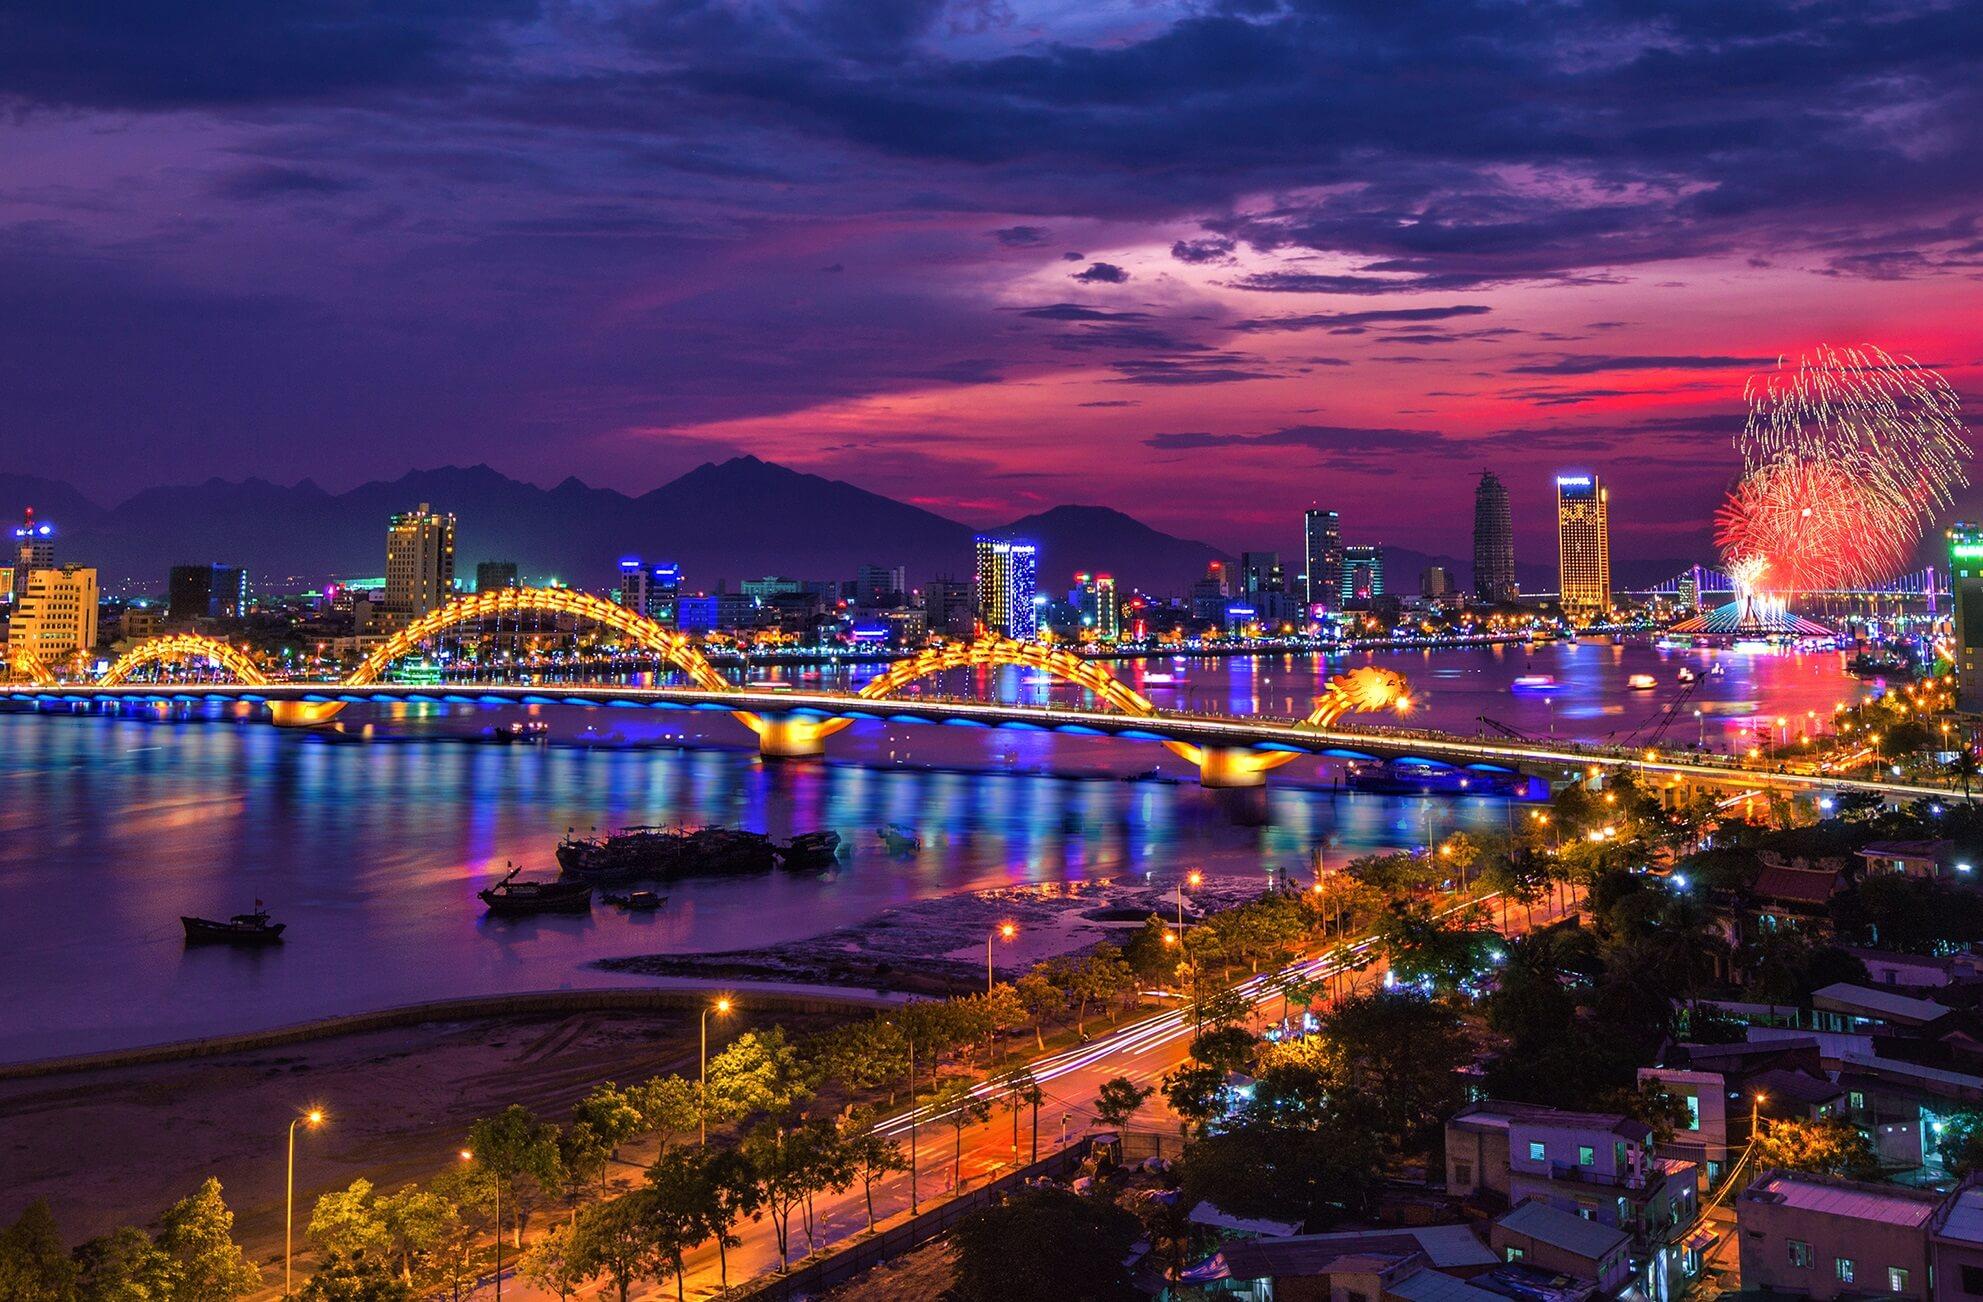 10 Địa điểm vui chơi ở Đà Nẵng về đêm BẠN NÊN BIẾT 2020